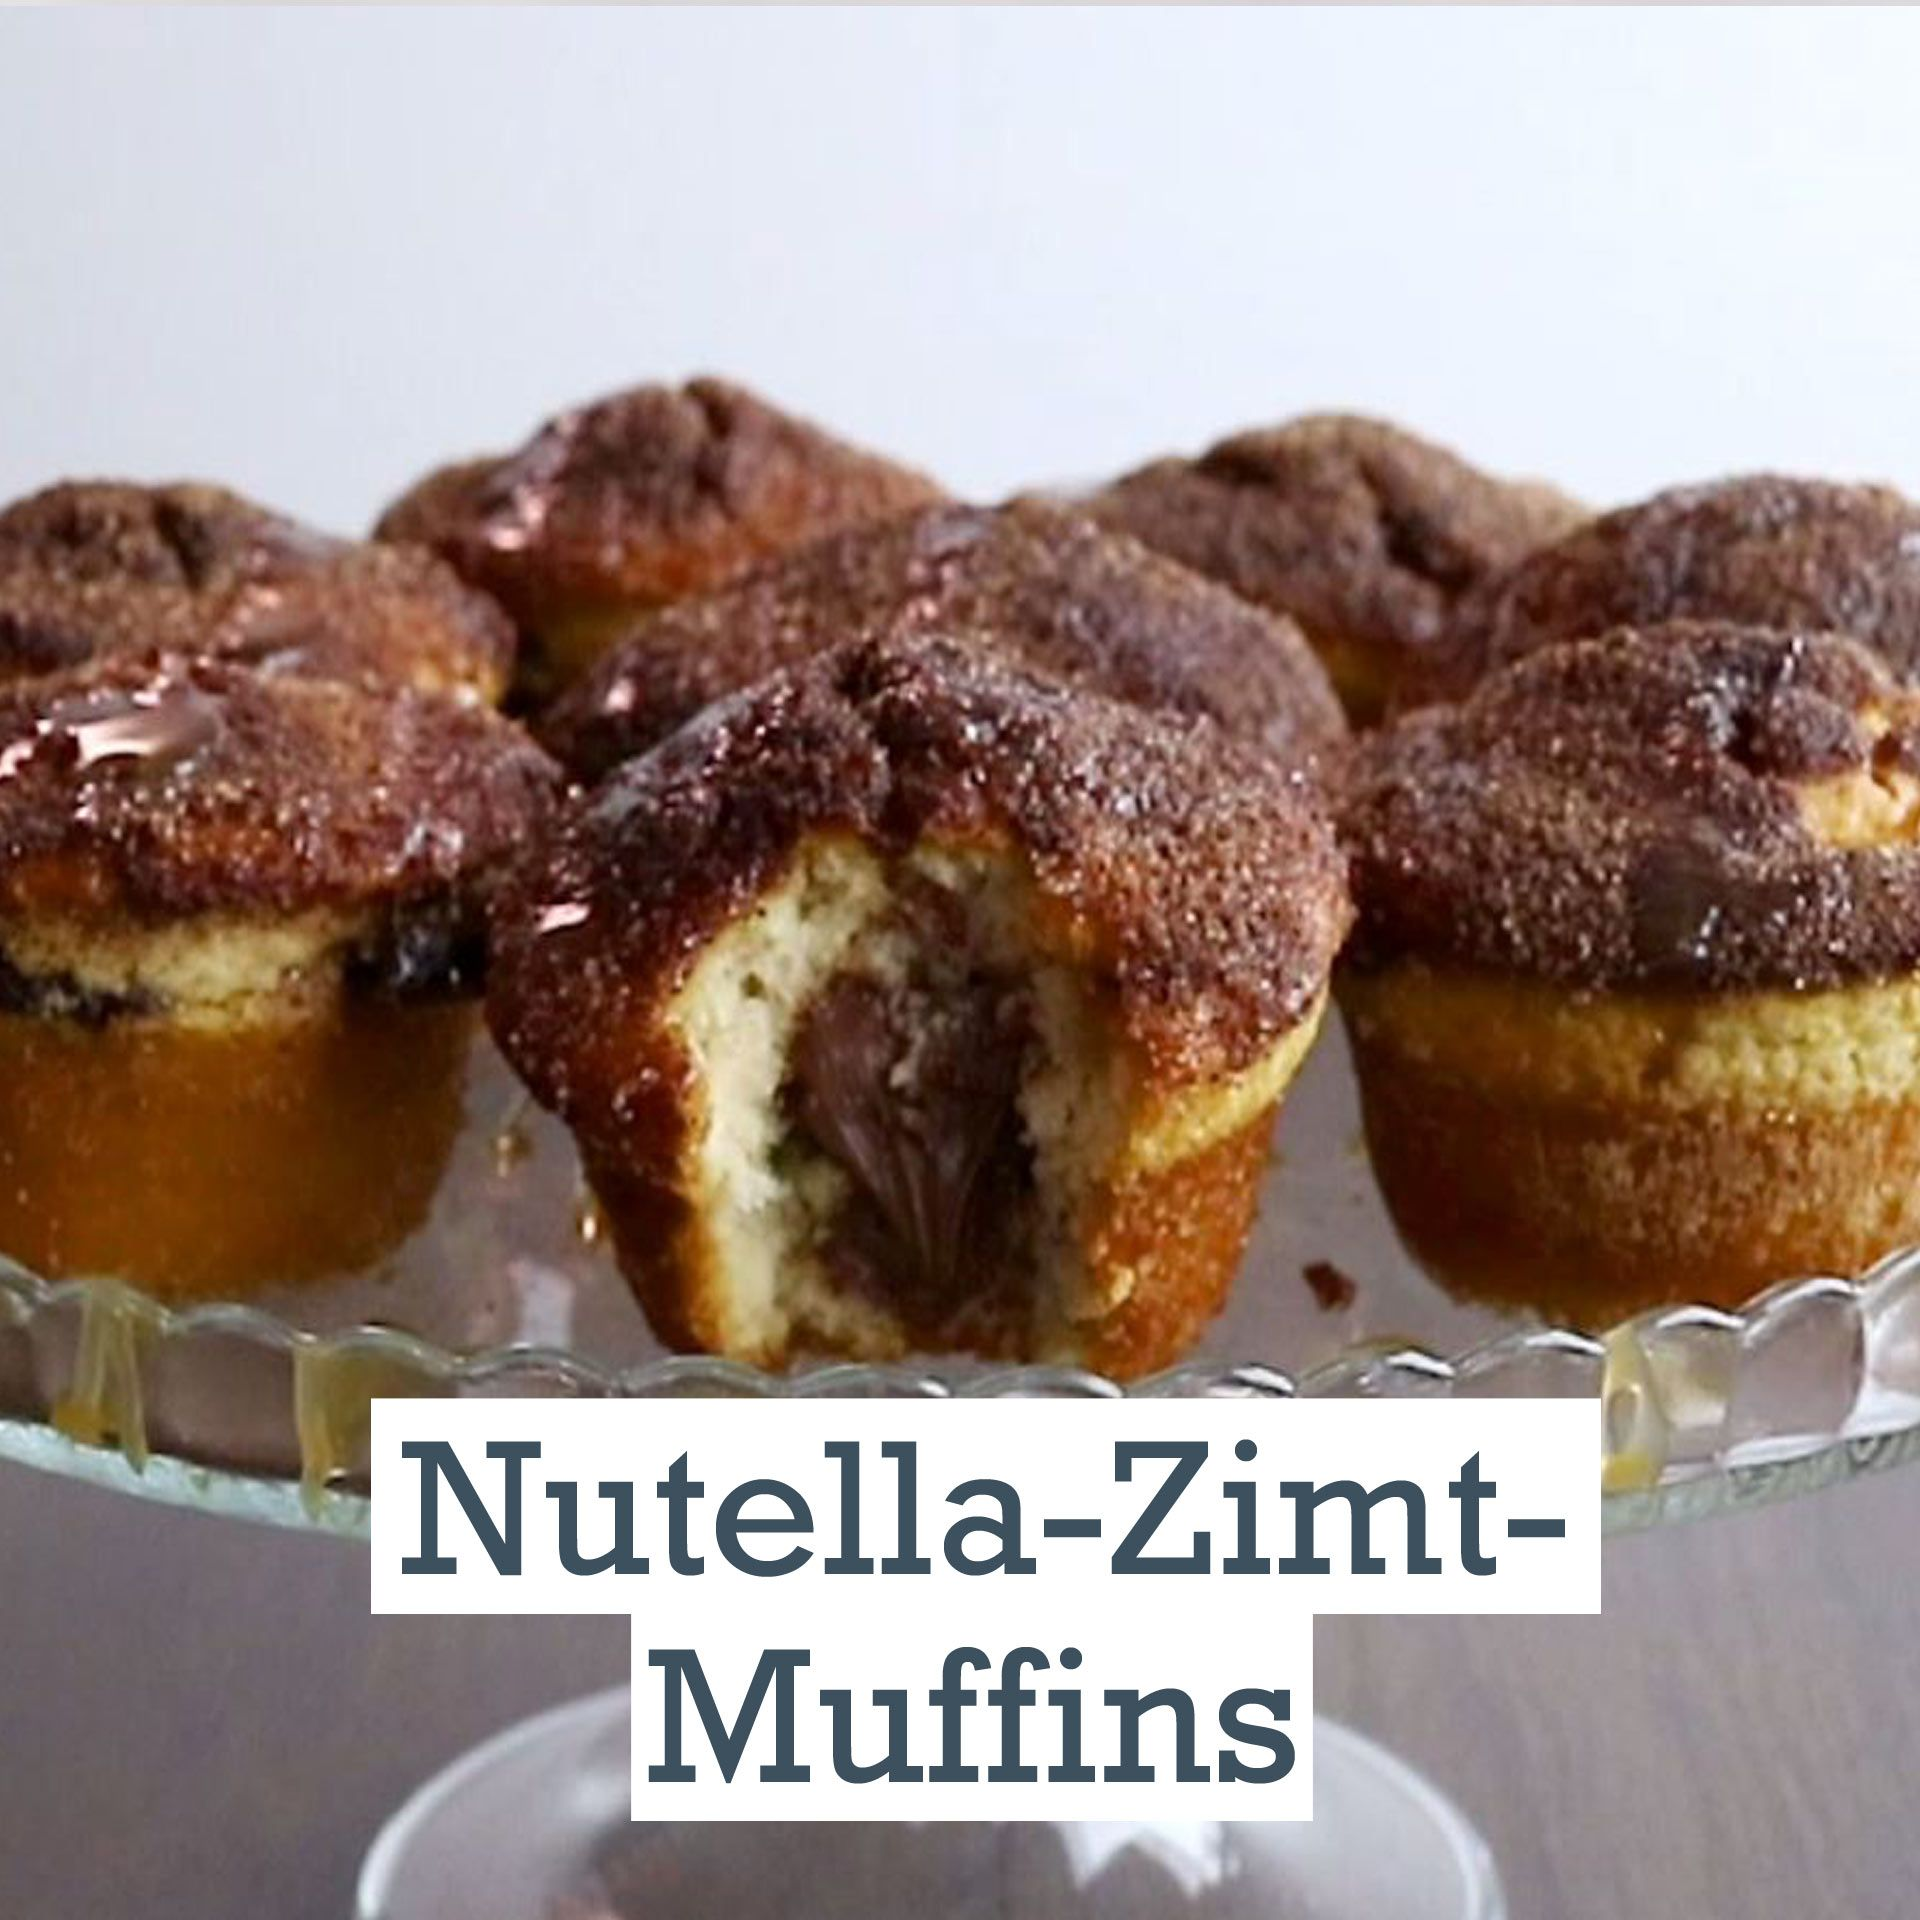 Nutella-Zimt-Muffins - so geht's | LECKER